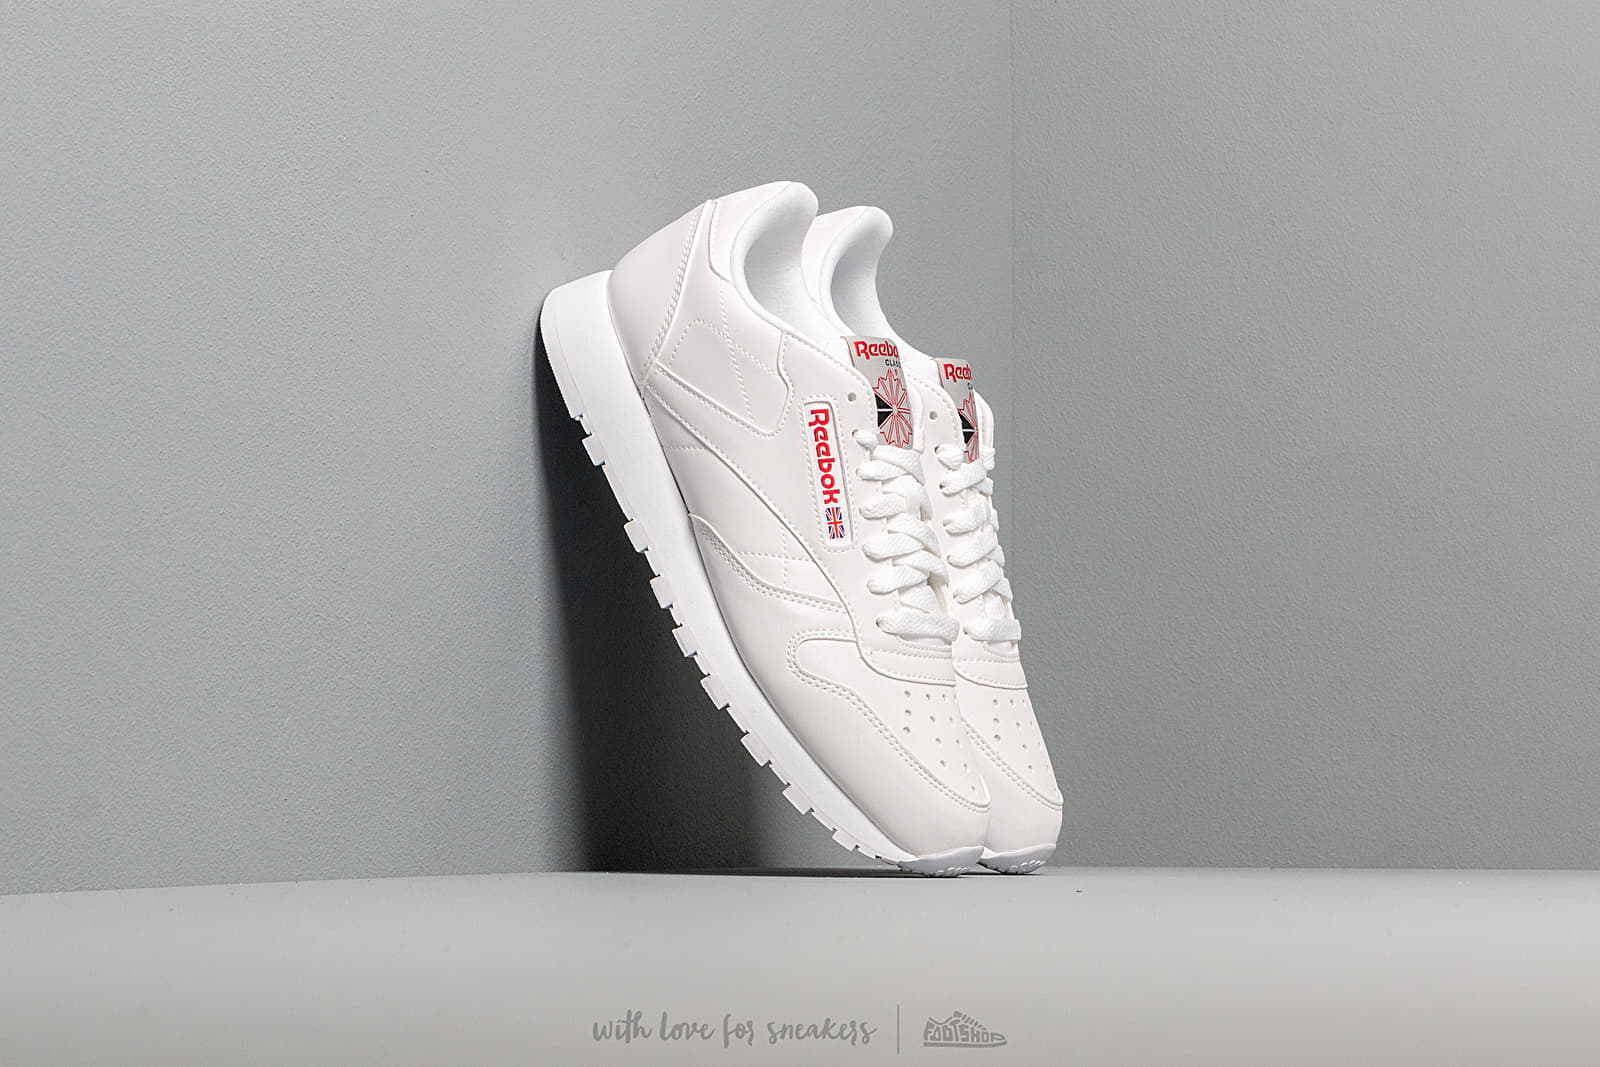 Reebok Cl Leather Mu White/ Grey/ Red/ Black za skvelú cenu 86 € kúpite na Footshop.sk